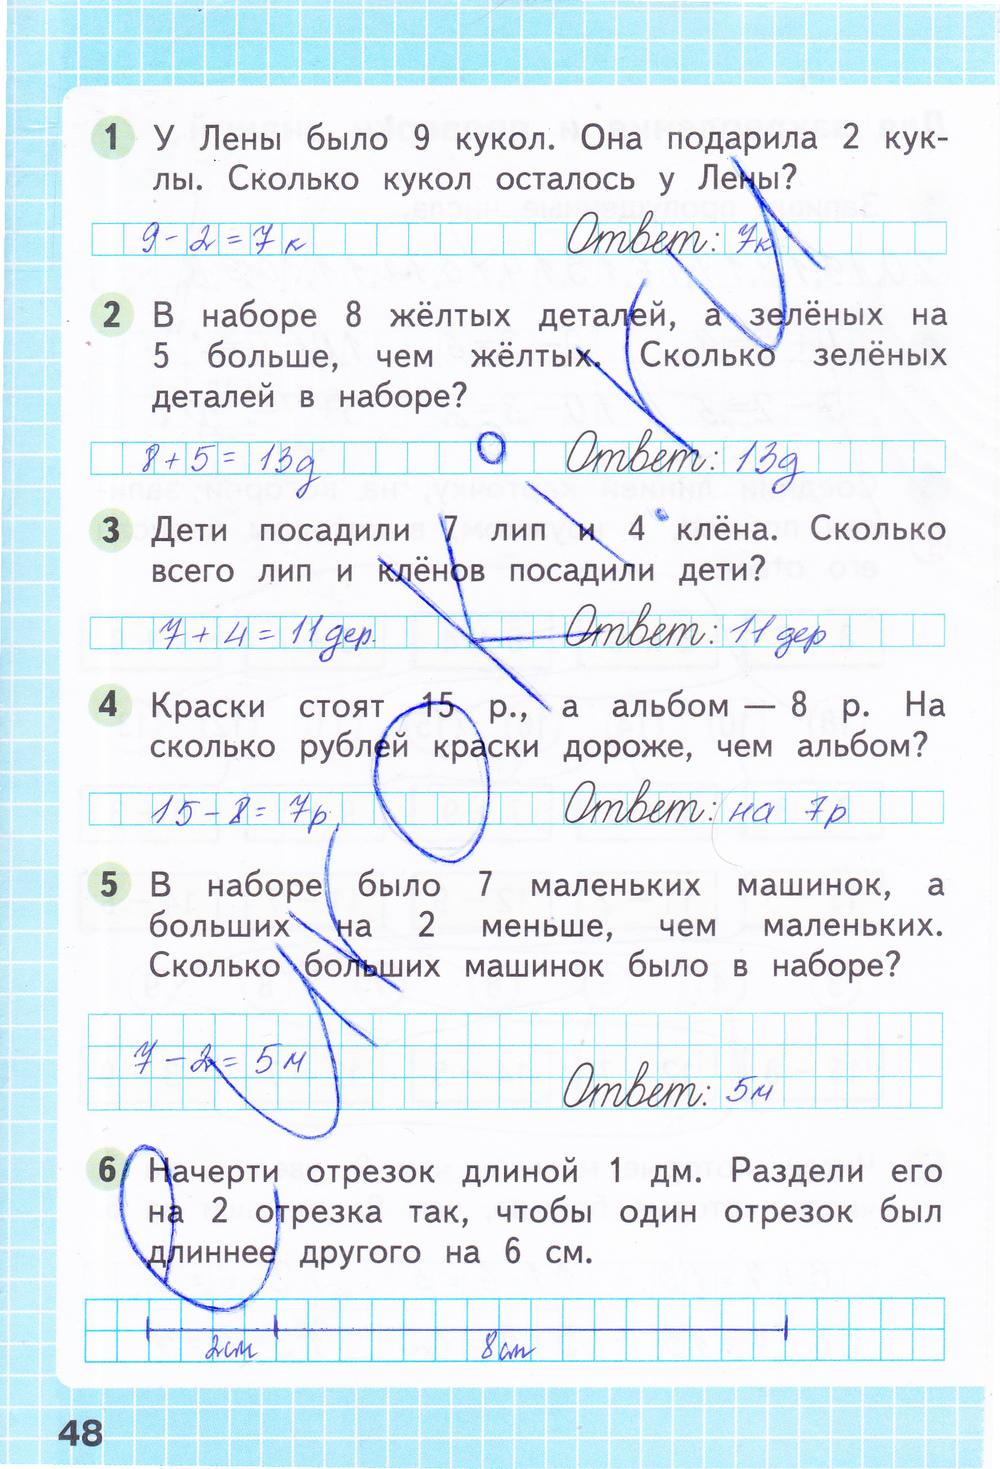 ГДЗ по математике 1 класс рабочая тетрадь Моро, Волкова Часть 1, 2. Задание: стр. 48